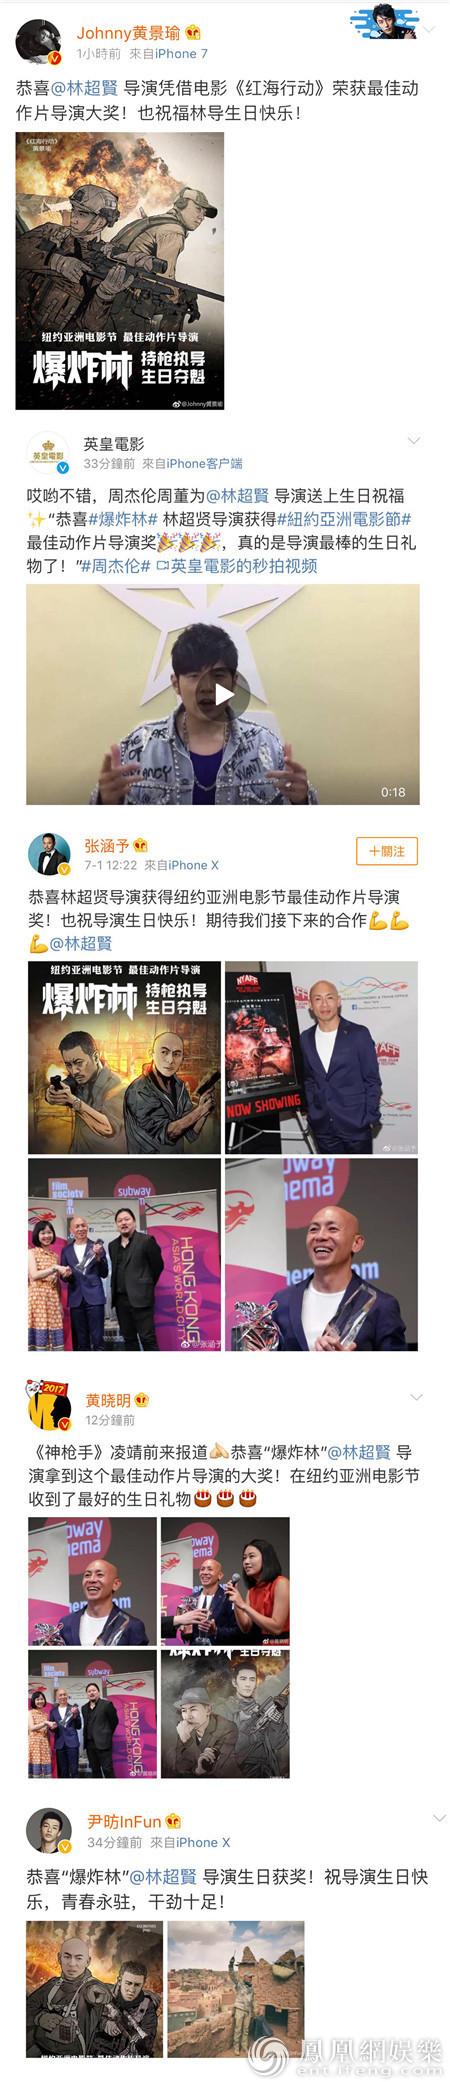 """林超贤美国获""""最佳动作片导演""""奖 众星齐送祝福"""